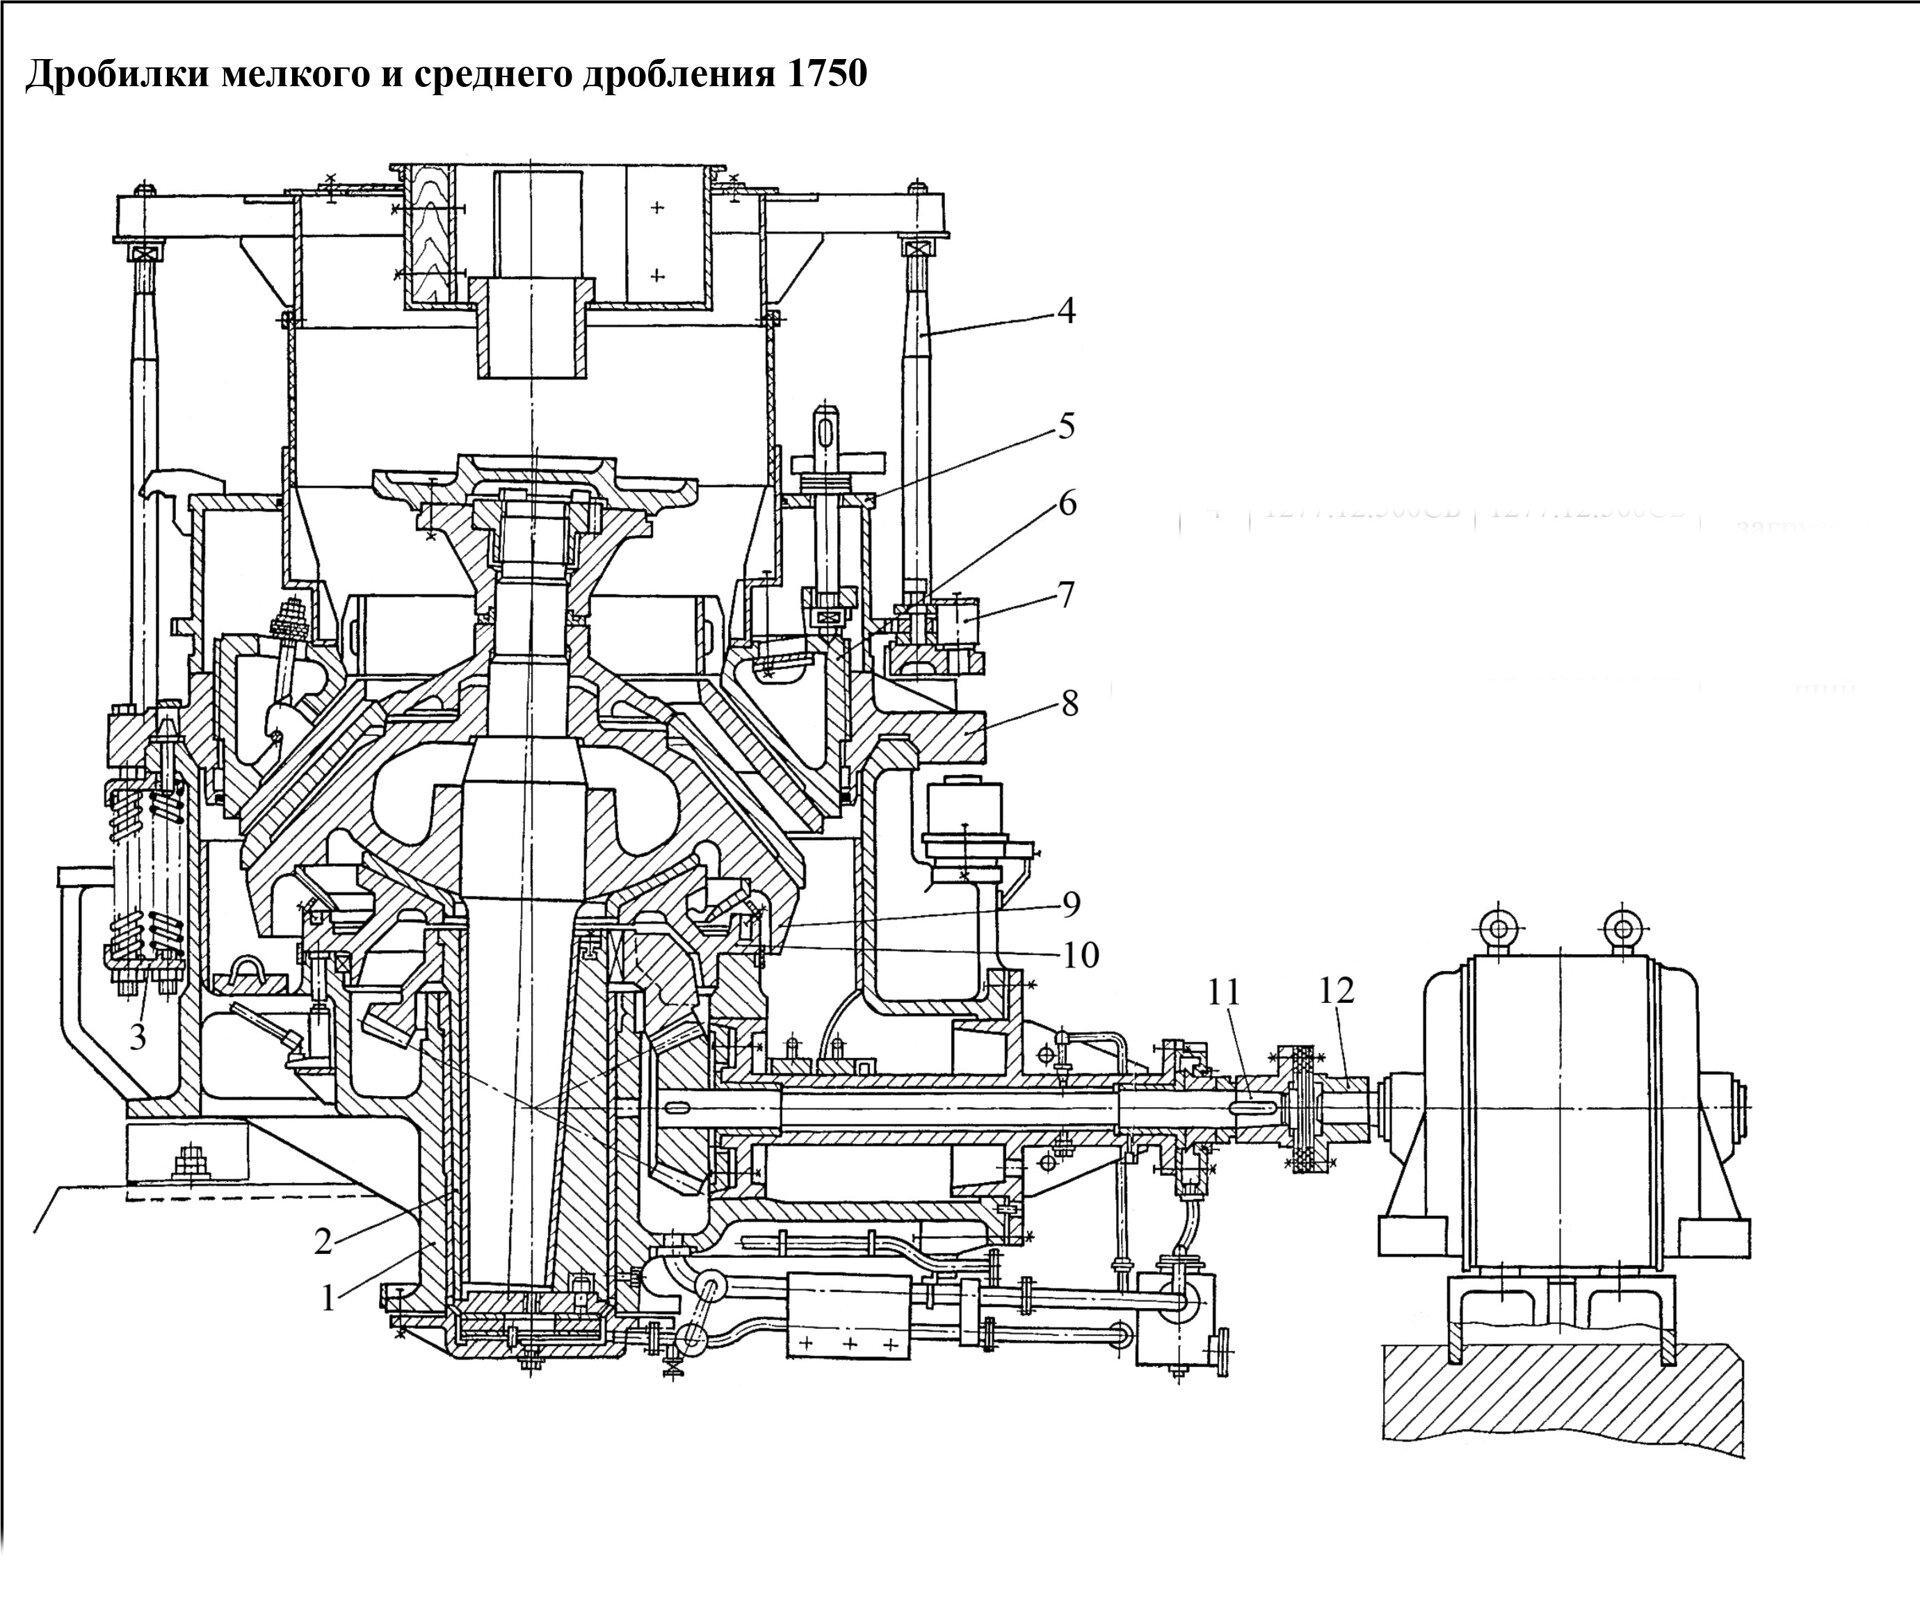 Дробилка конусная КМД-1750Т 1277.00-10 СБ - фото pic_fd94a196605588284a99d59756a57b48_1920x9000_1.jpg